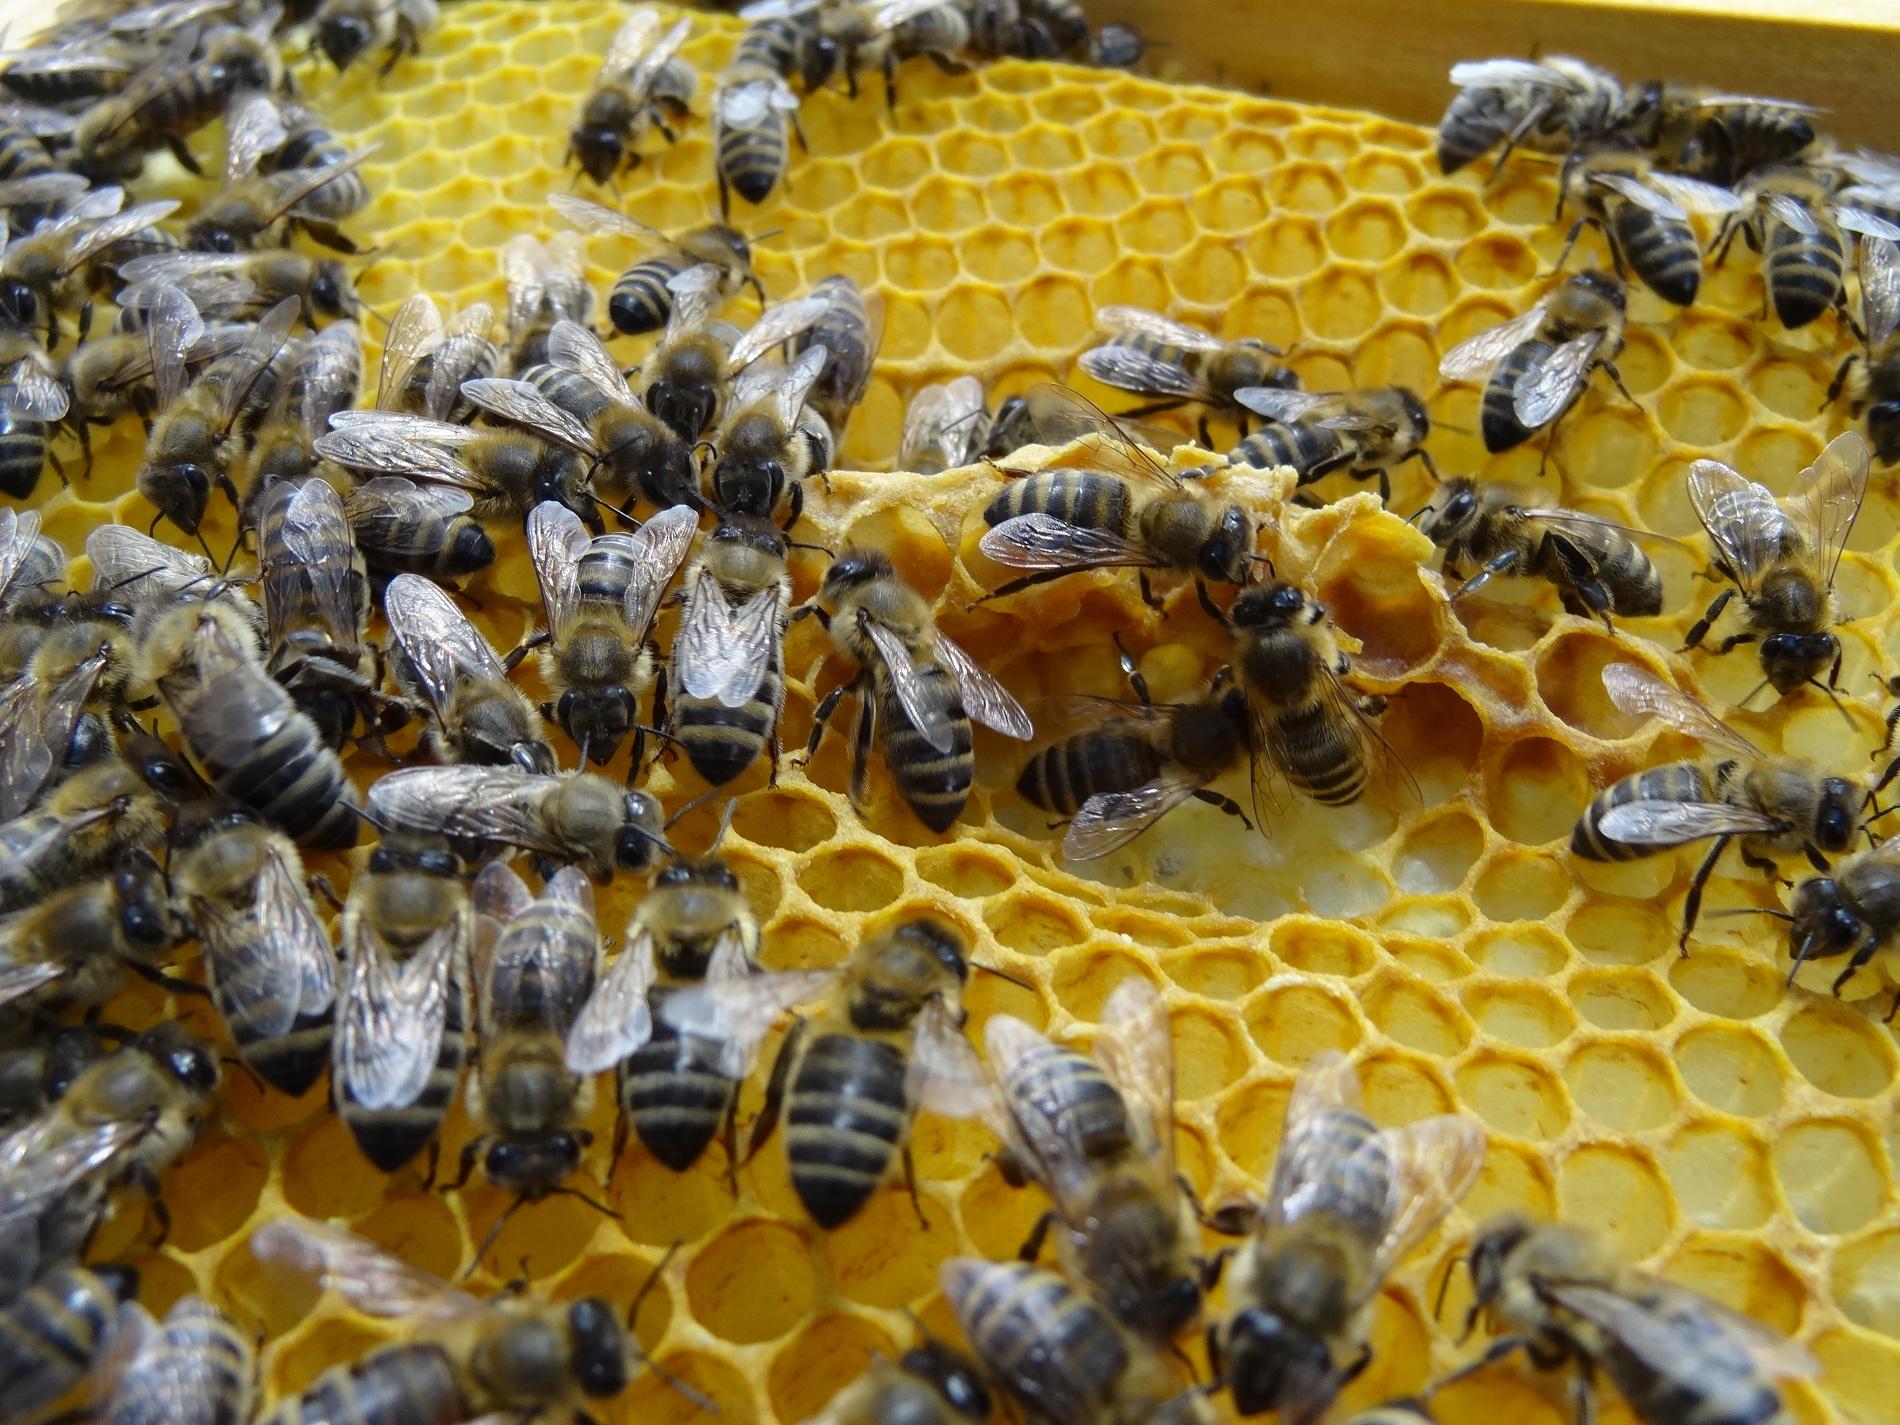 Bio Imkerei Bramreither - Mühlviertel - Bienenwachs